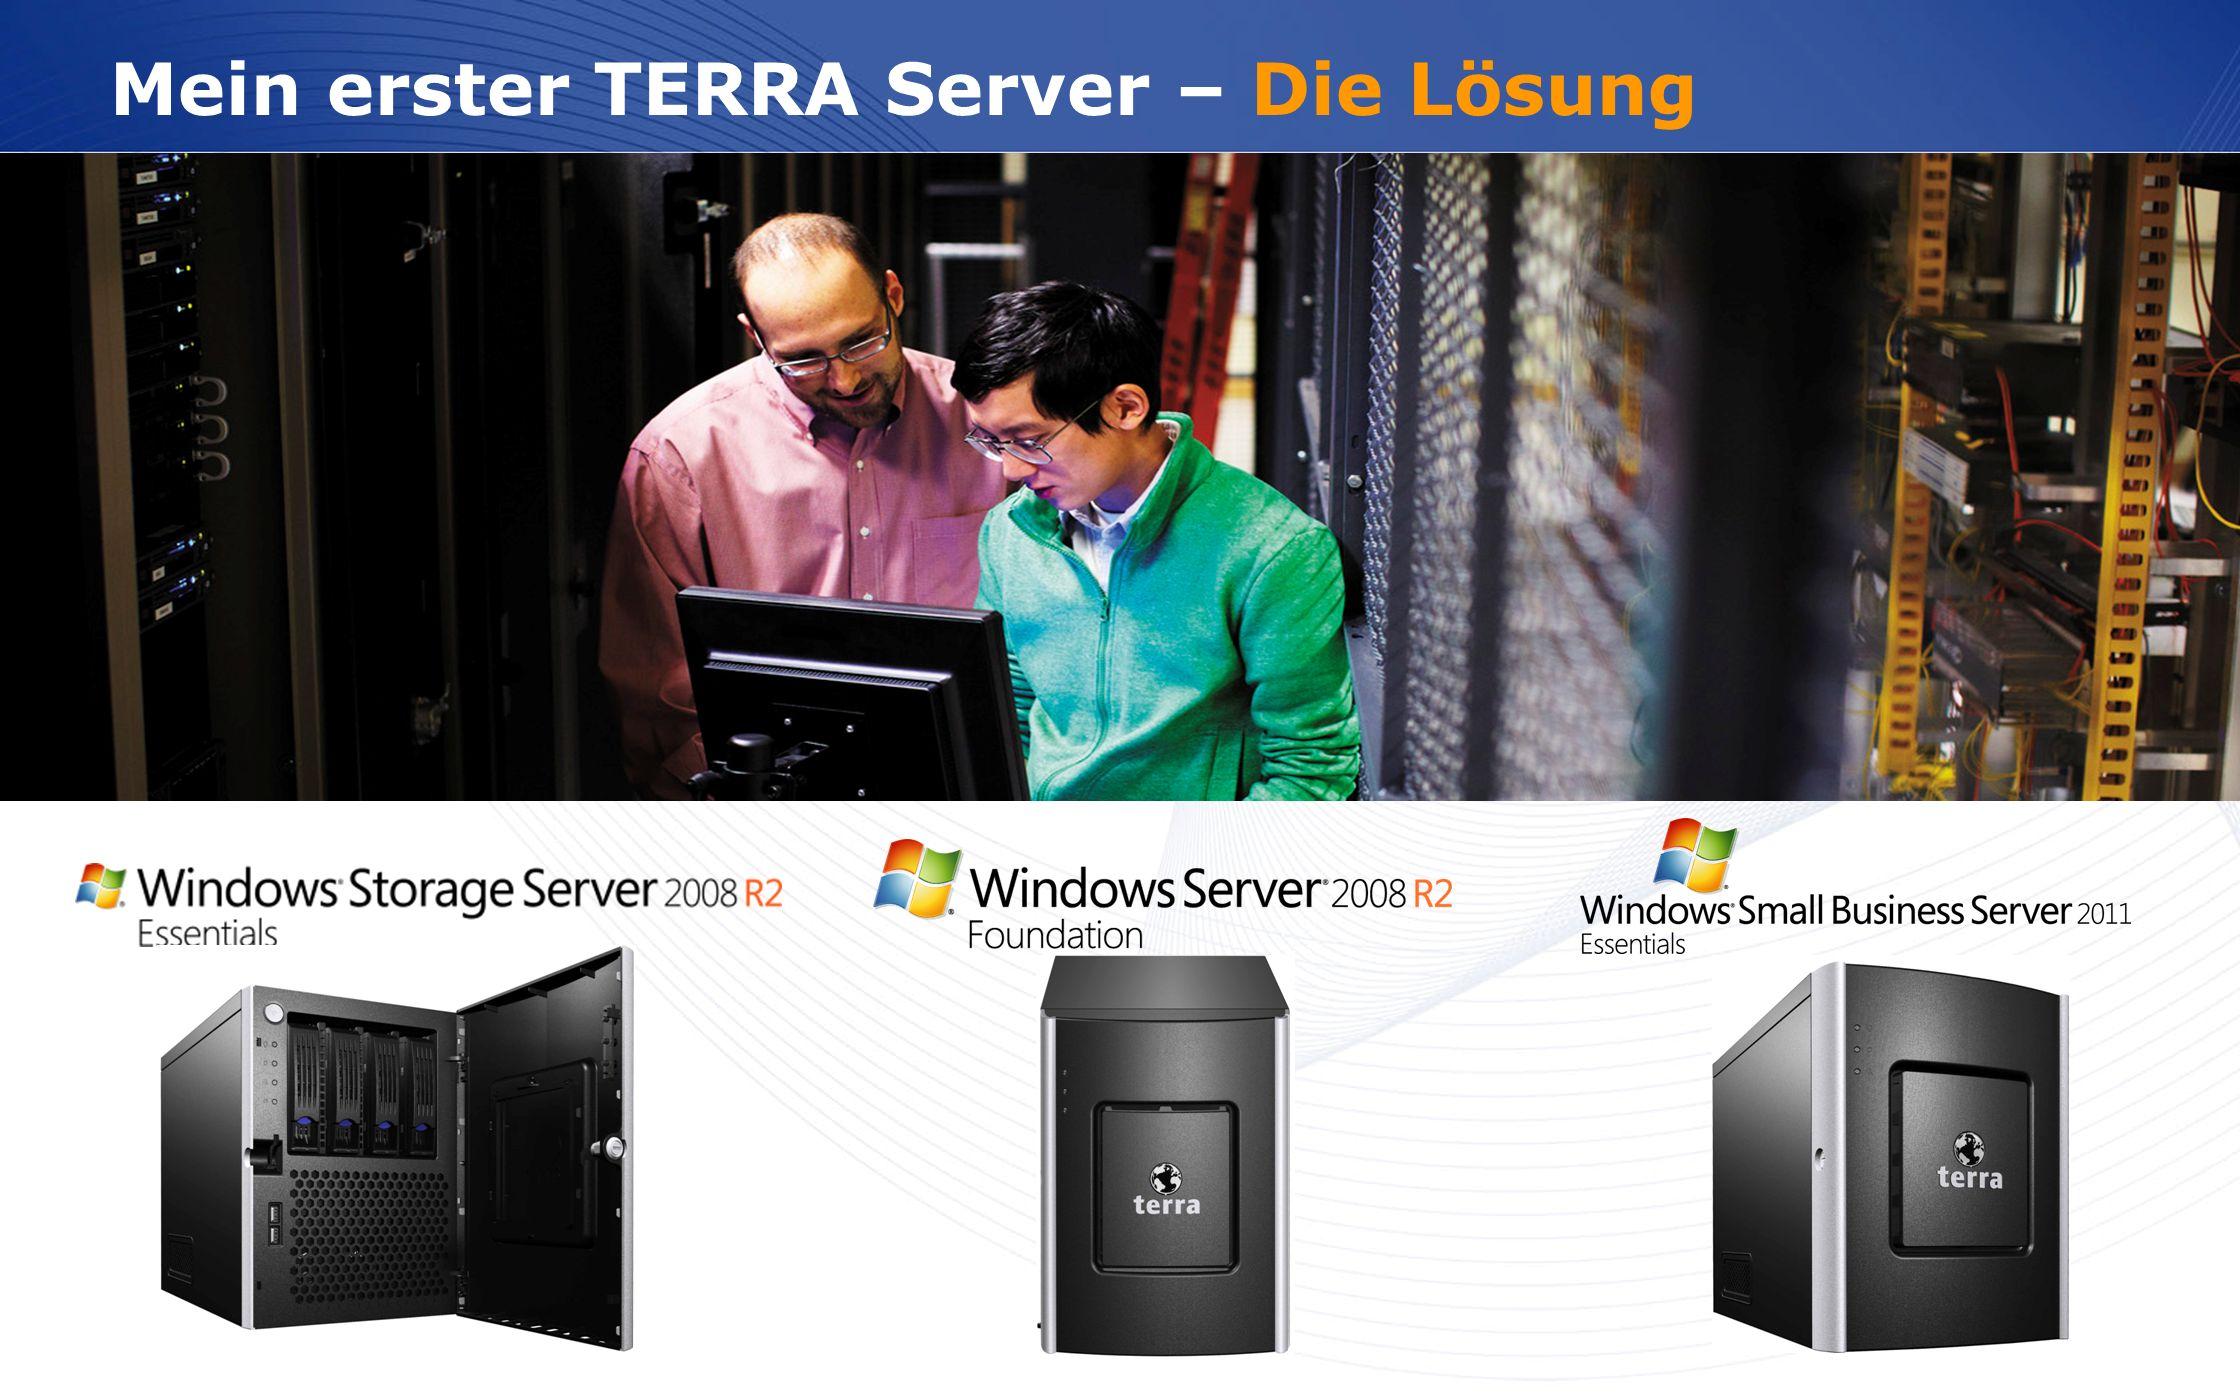 www.wortmann.de Windows 2008 Foundation Server: Art.: 1100701HEK 799,- inkl.